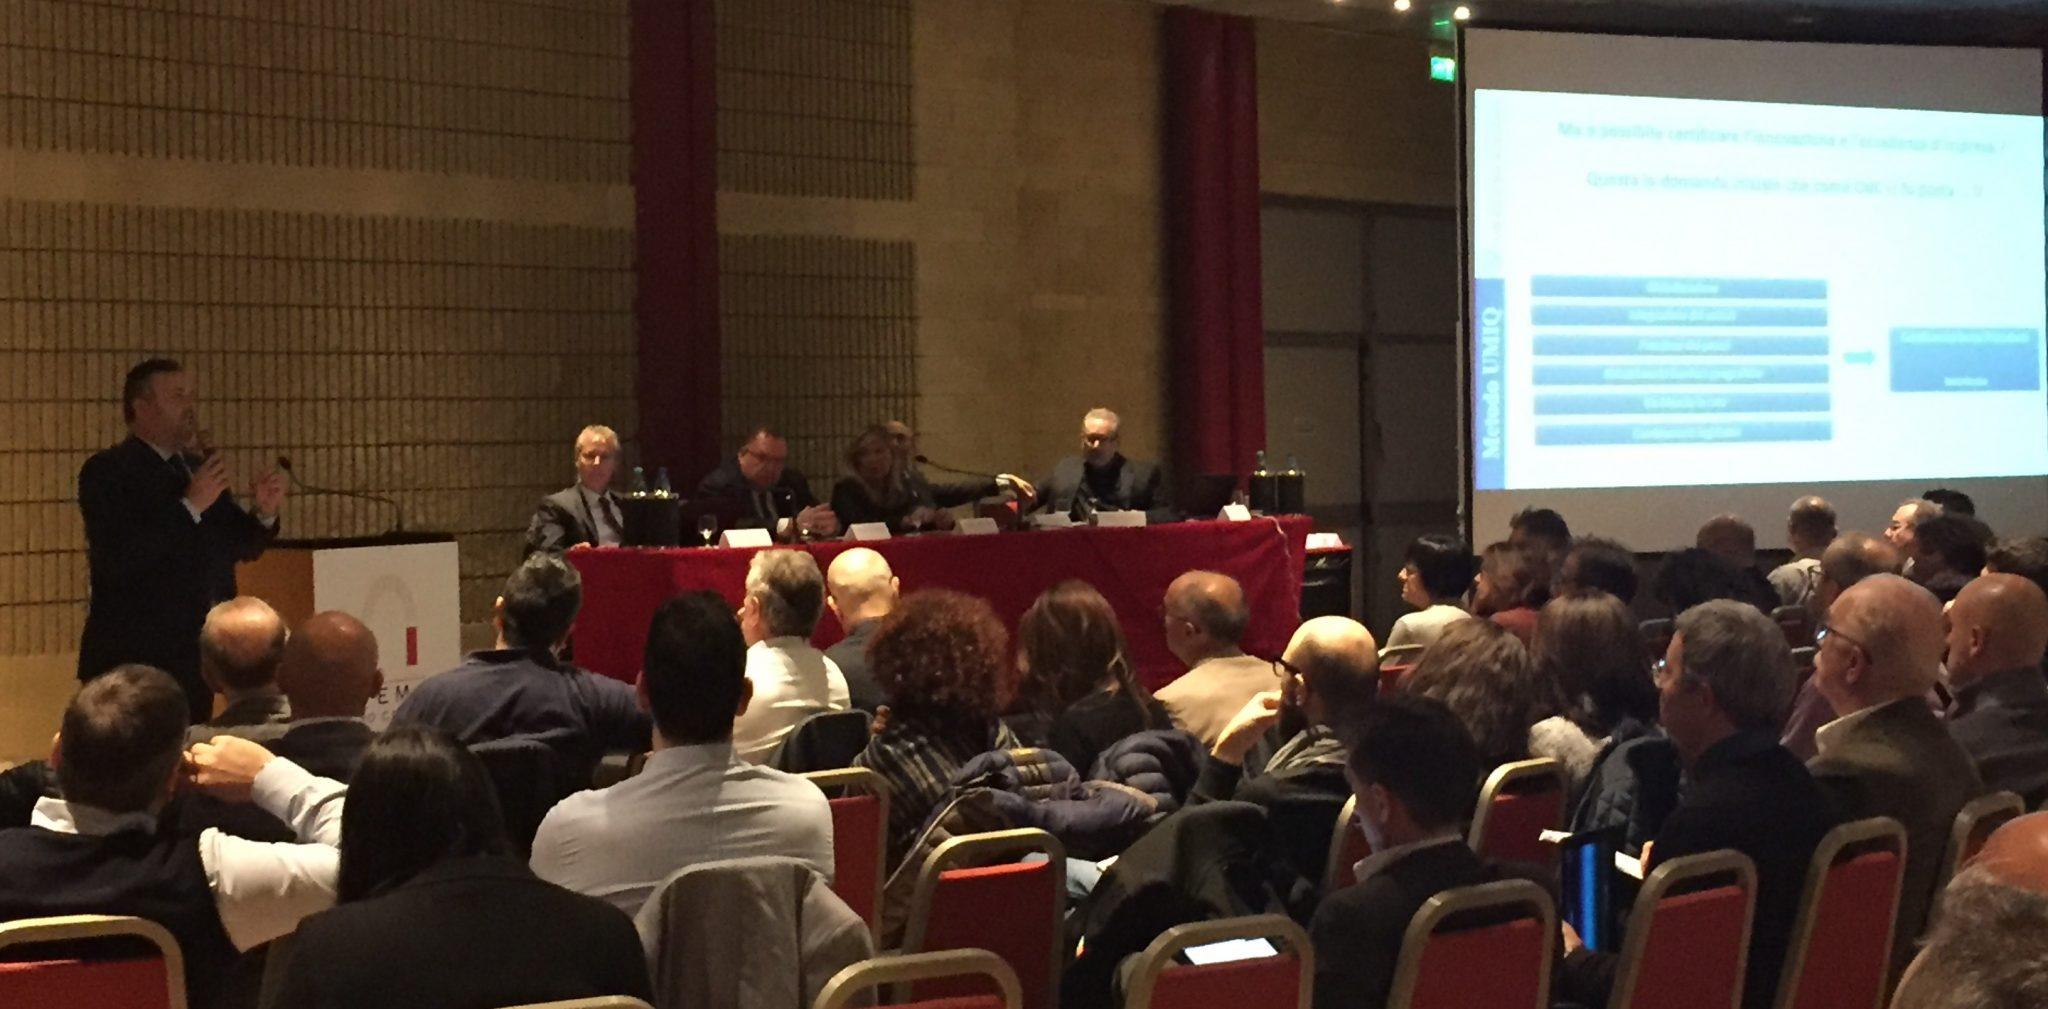 Davide Baroncini membro fondatore del board UMIQ